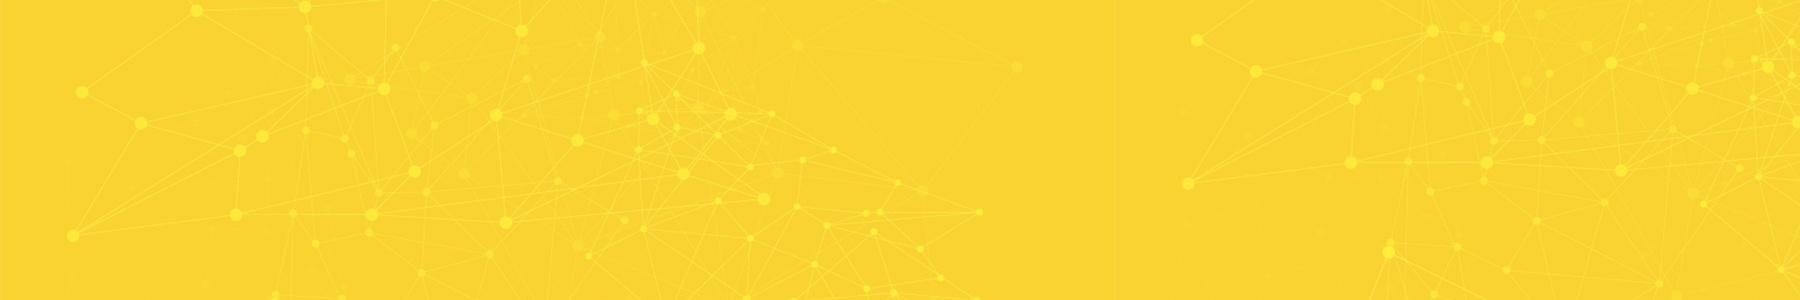 The Web we want - Βασικά δικαιώματα στο διαδίκτυο